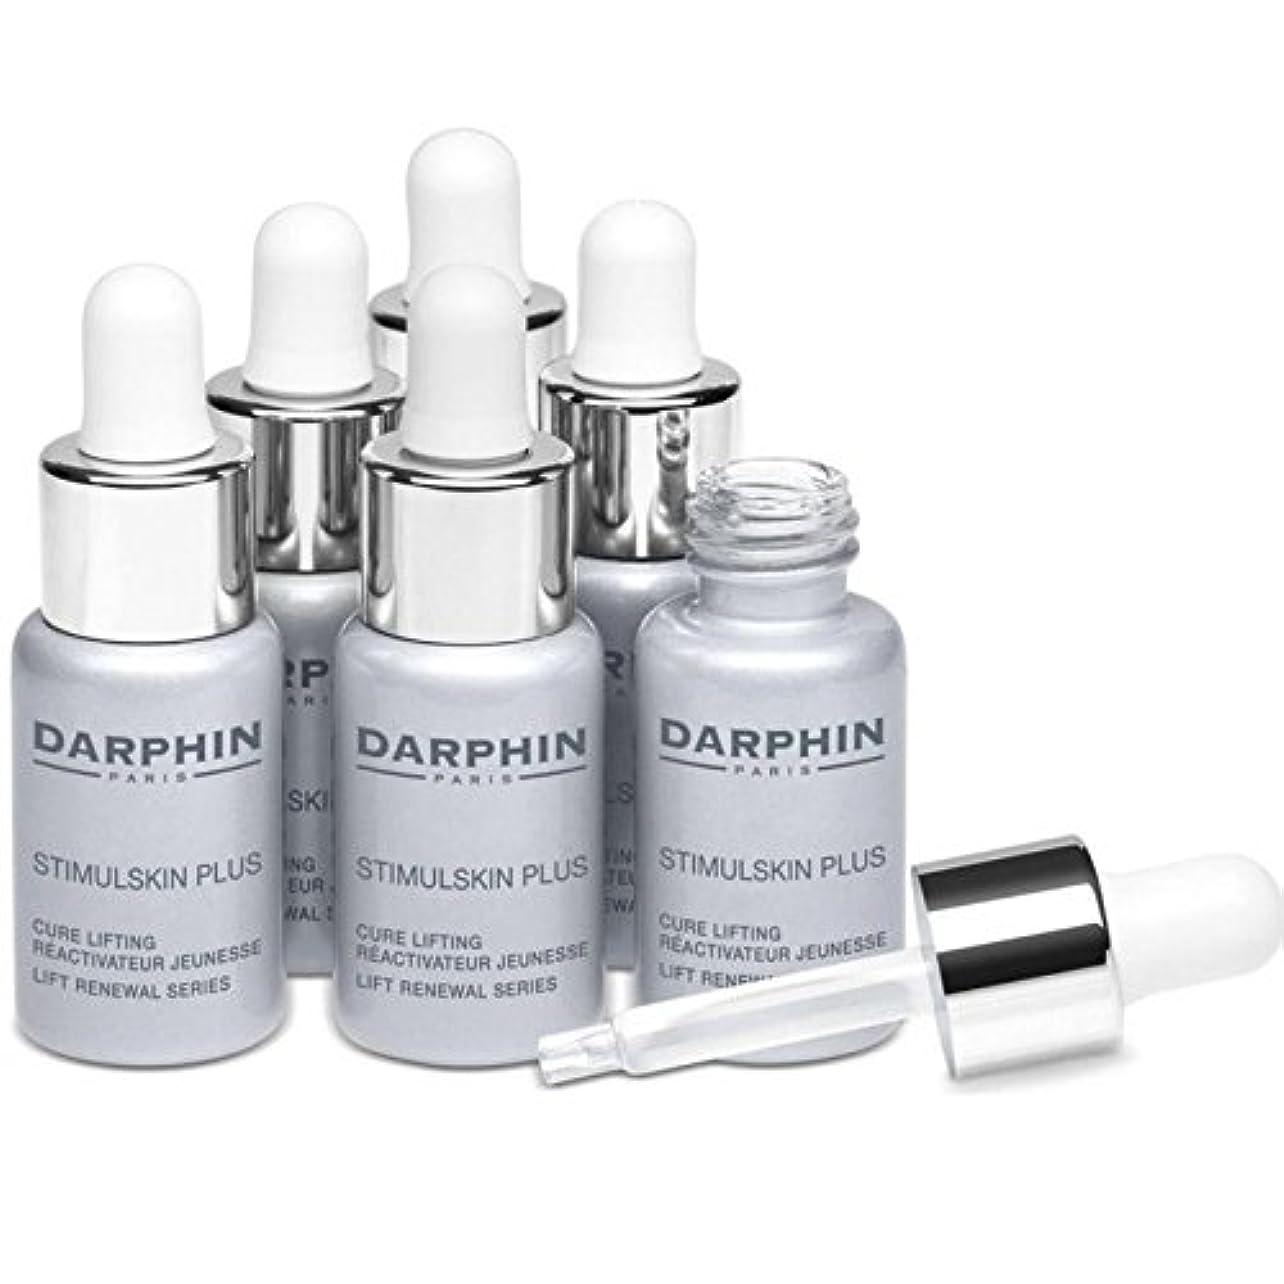 痛い埋める真実にDarphin Stimulskin Plus Lift Renewal Series (Pack of 6) - ダルファンスティプラスリフトリニューアルシリーズ x6 [並行輸入品]